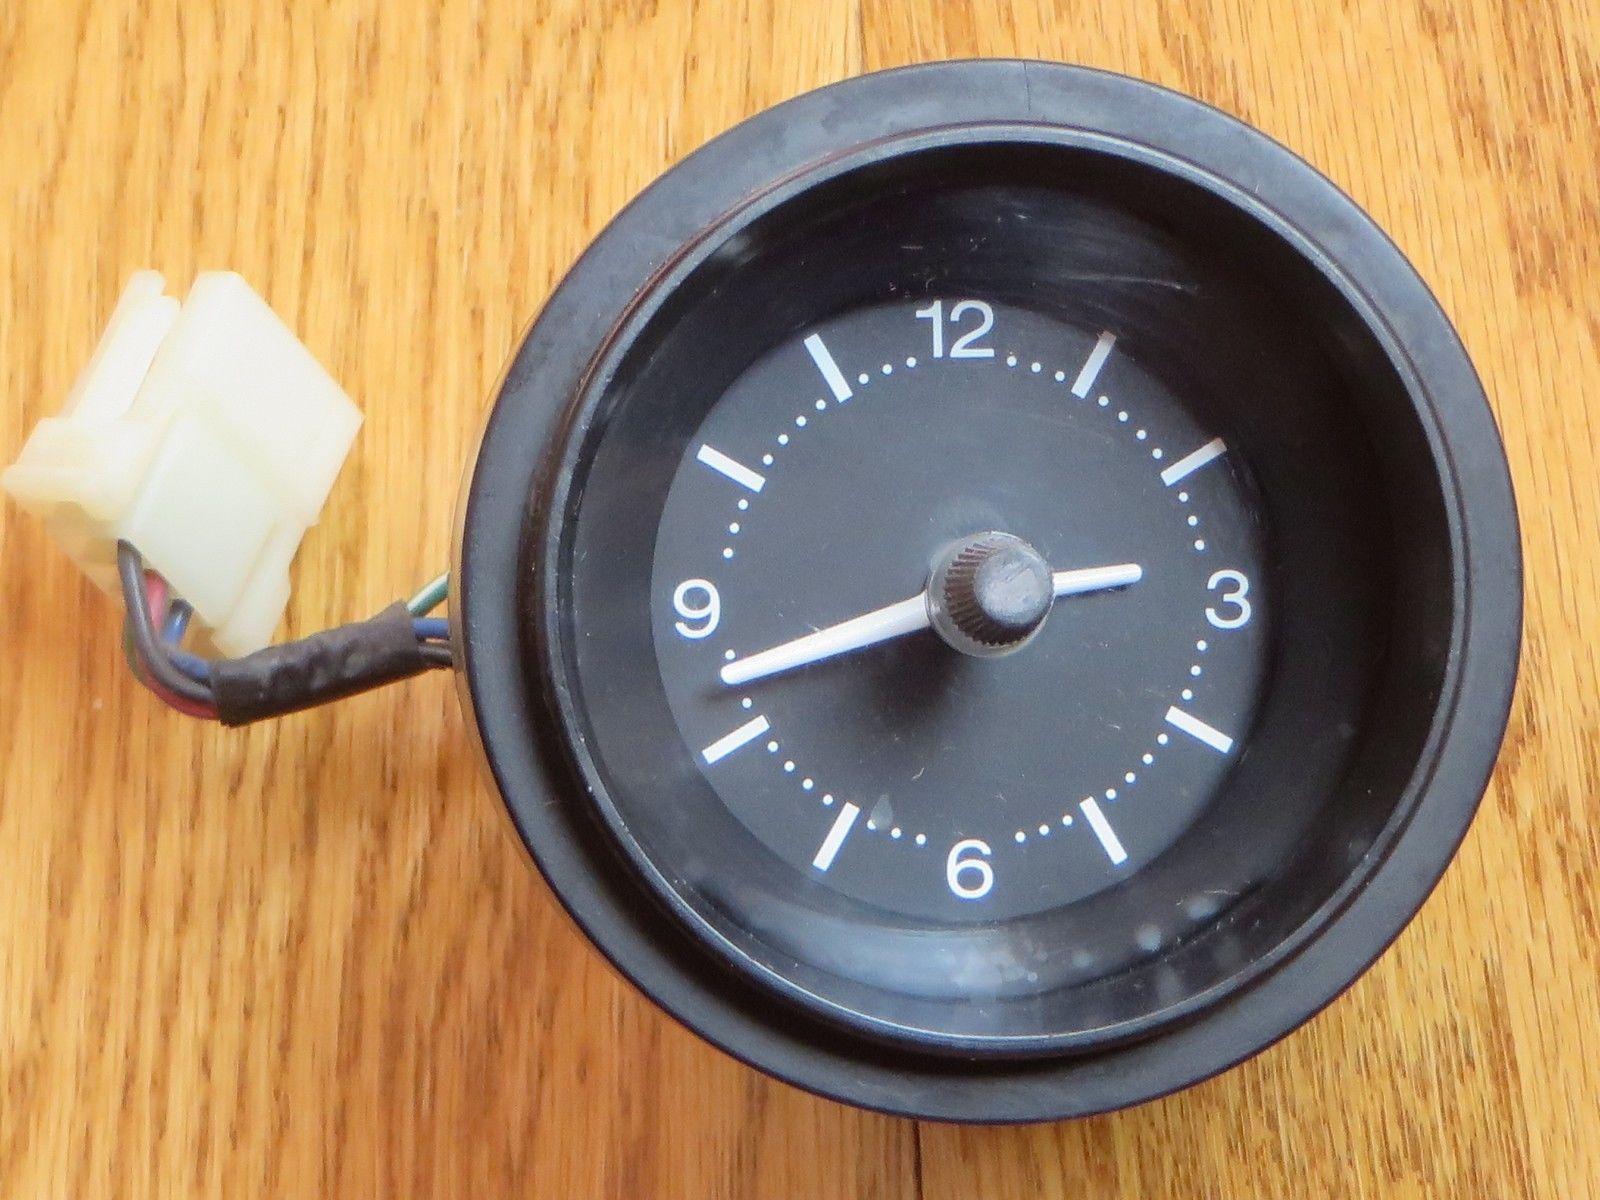 1977 Datsun 280z Clock Wanted